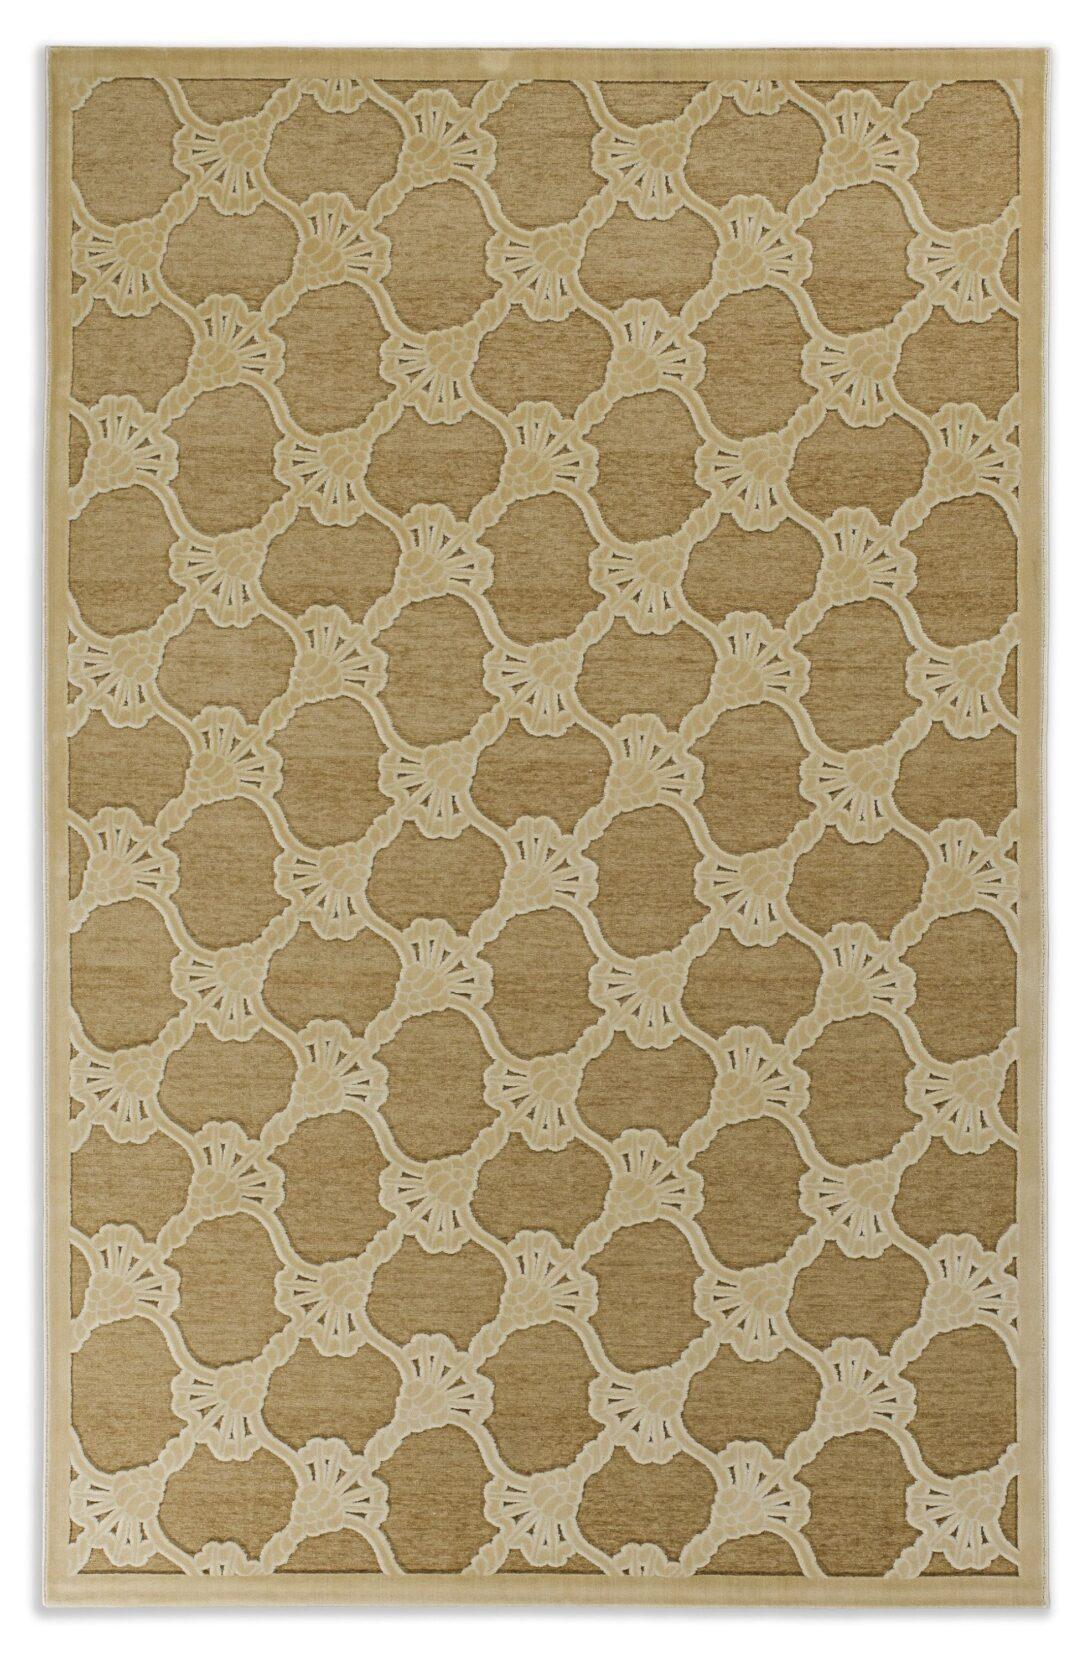 Large Size of Teppich Joop Soft Pattern Faded Cornflower Wohnzimmer Grau New Curly Taupe Vintage Designer Teppiche Fumatten Bad Badezimmer Esstisch Für Küche Steinteppich Wohnzimmer Teppich Joop